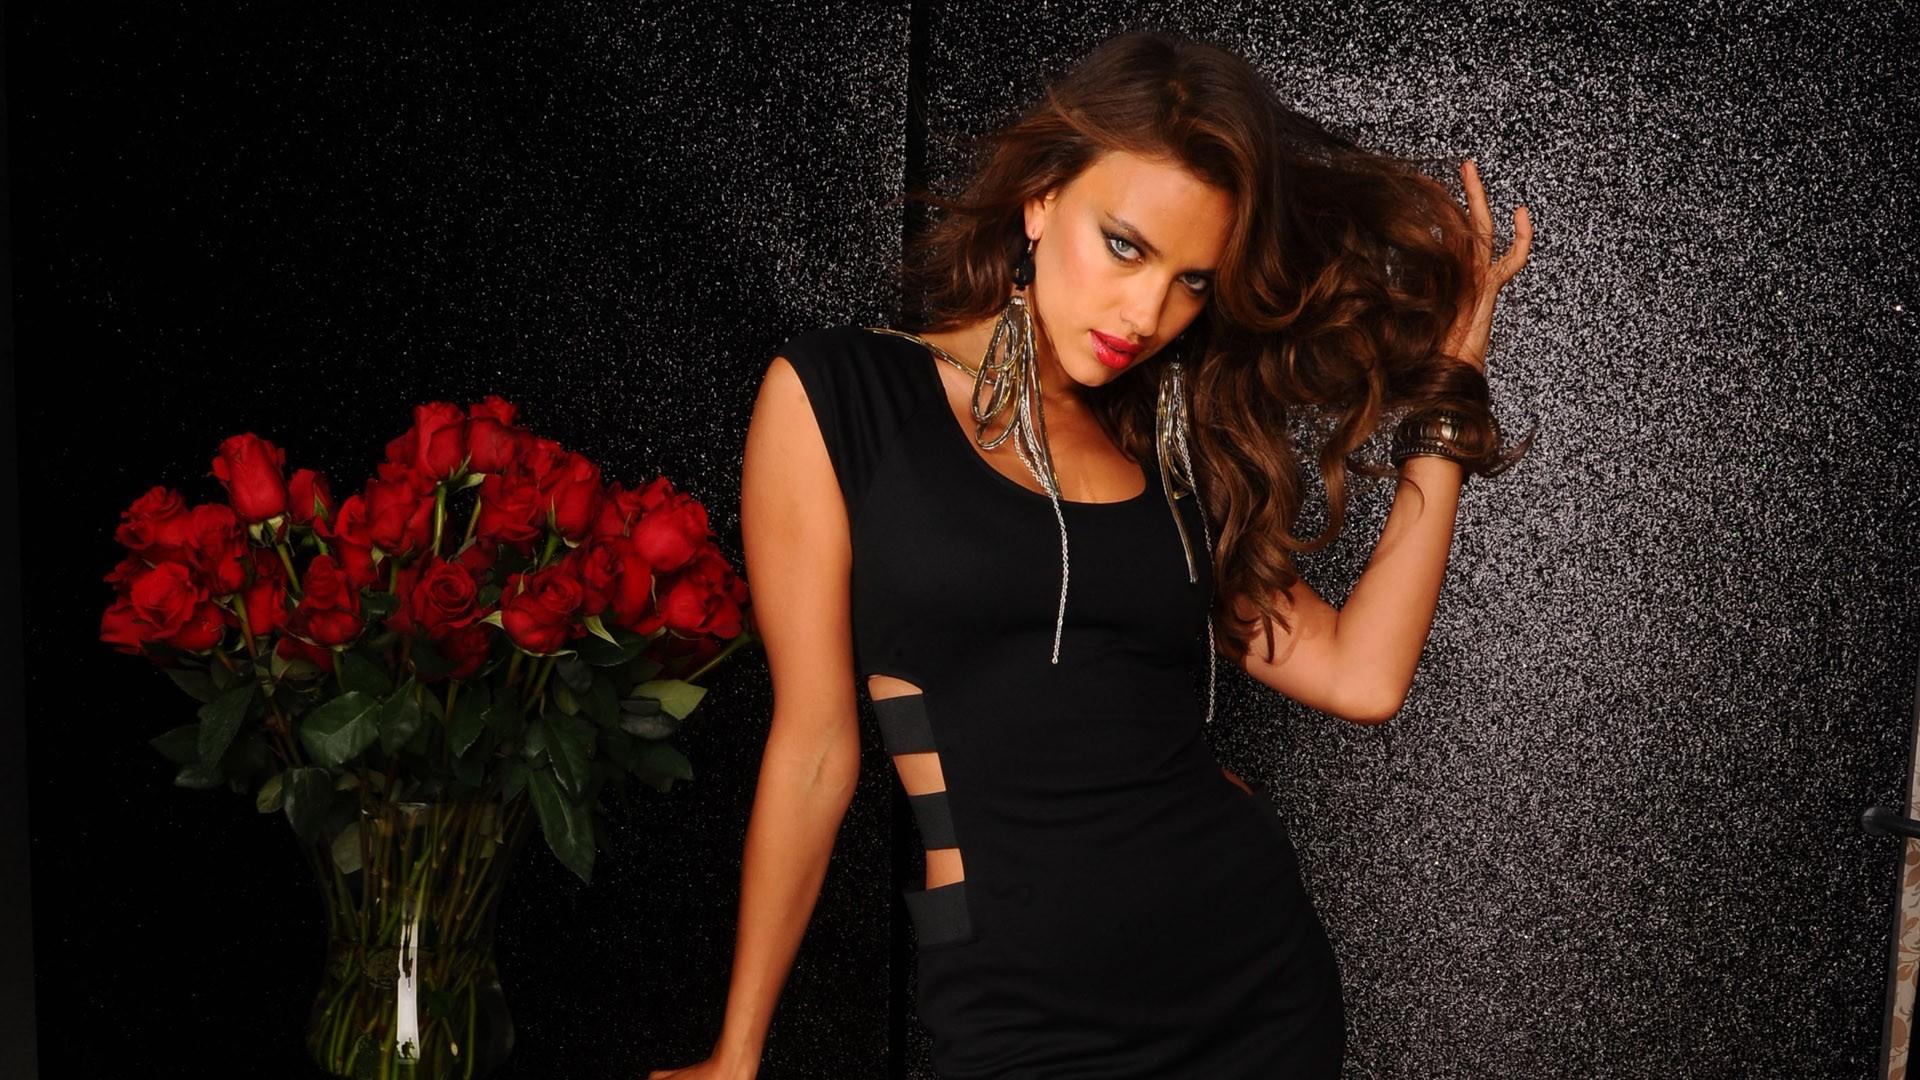 Фото модели в черном платье 105